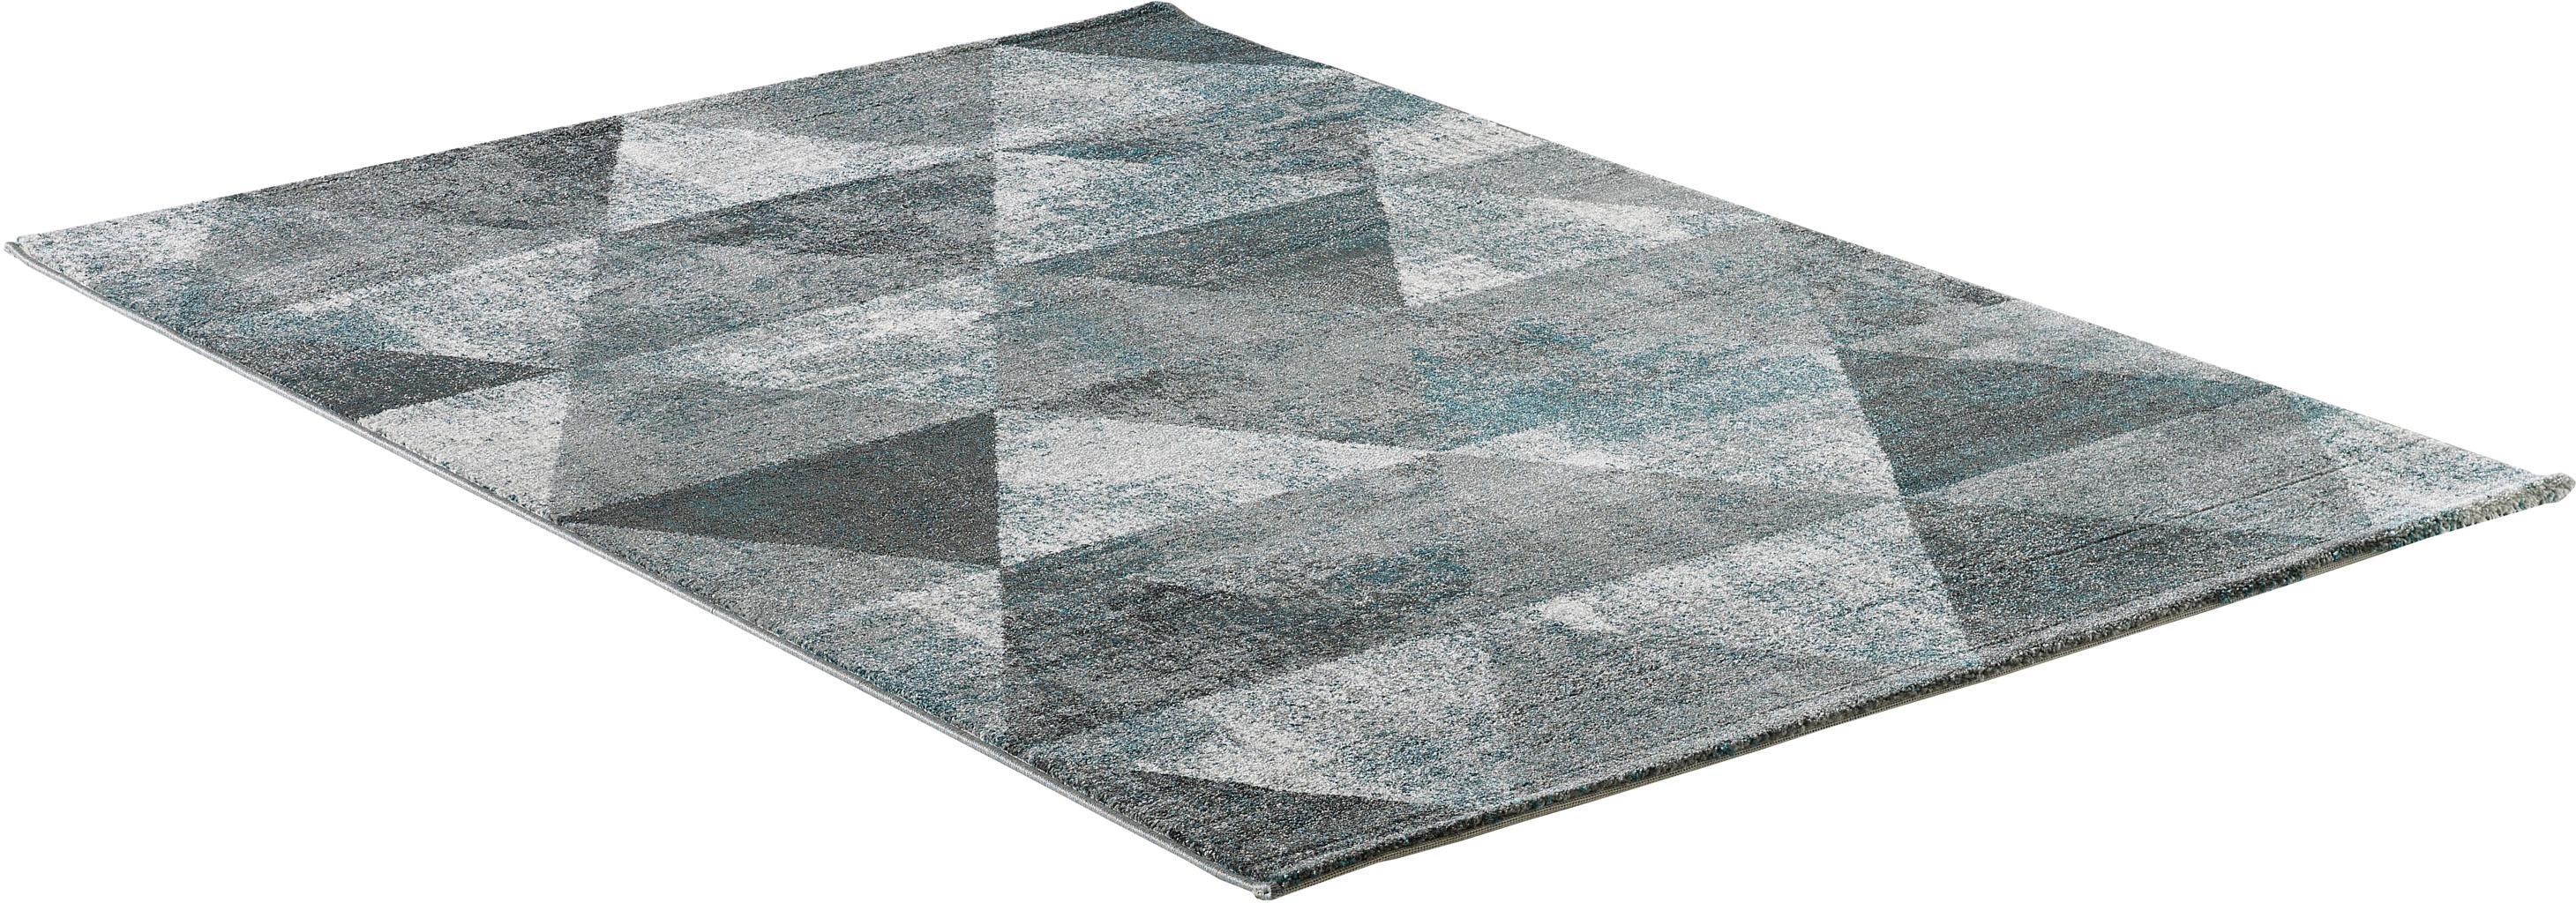 Teppich Vintage 1618 Sanat Teppiche rechteckig Höhe 13 mm maschinell gewebt